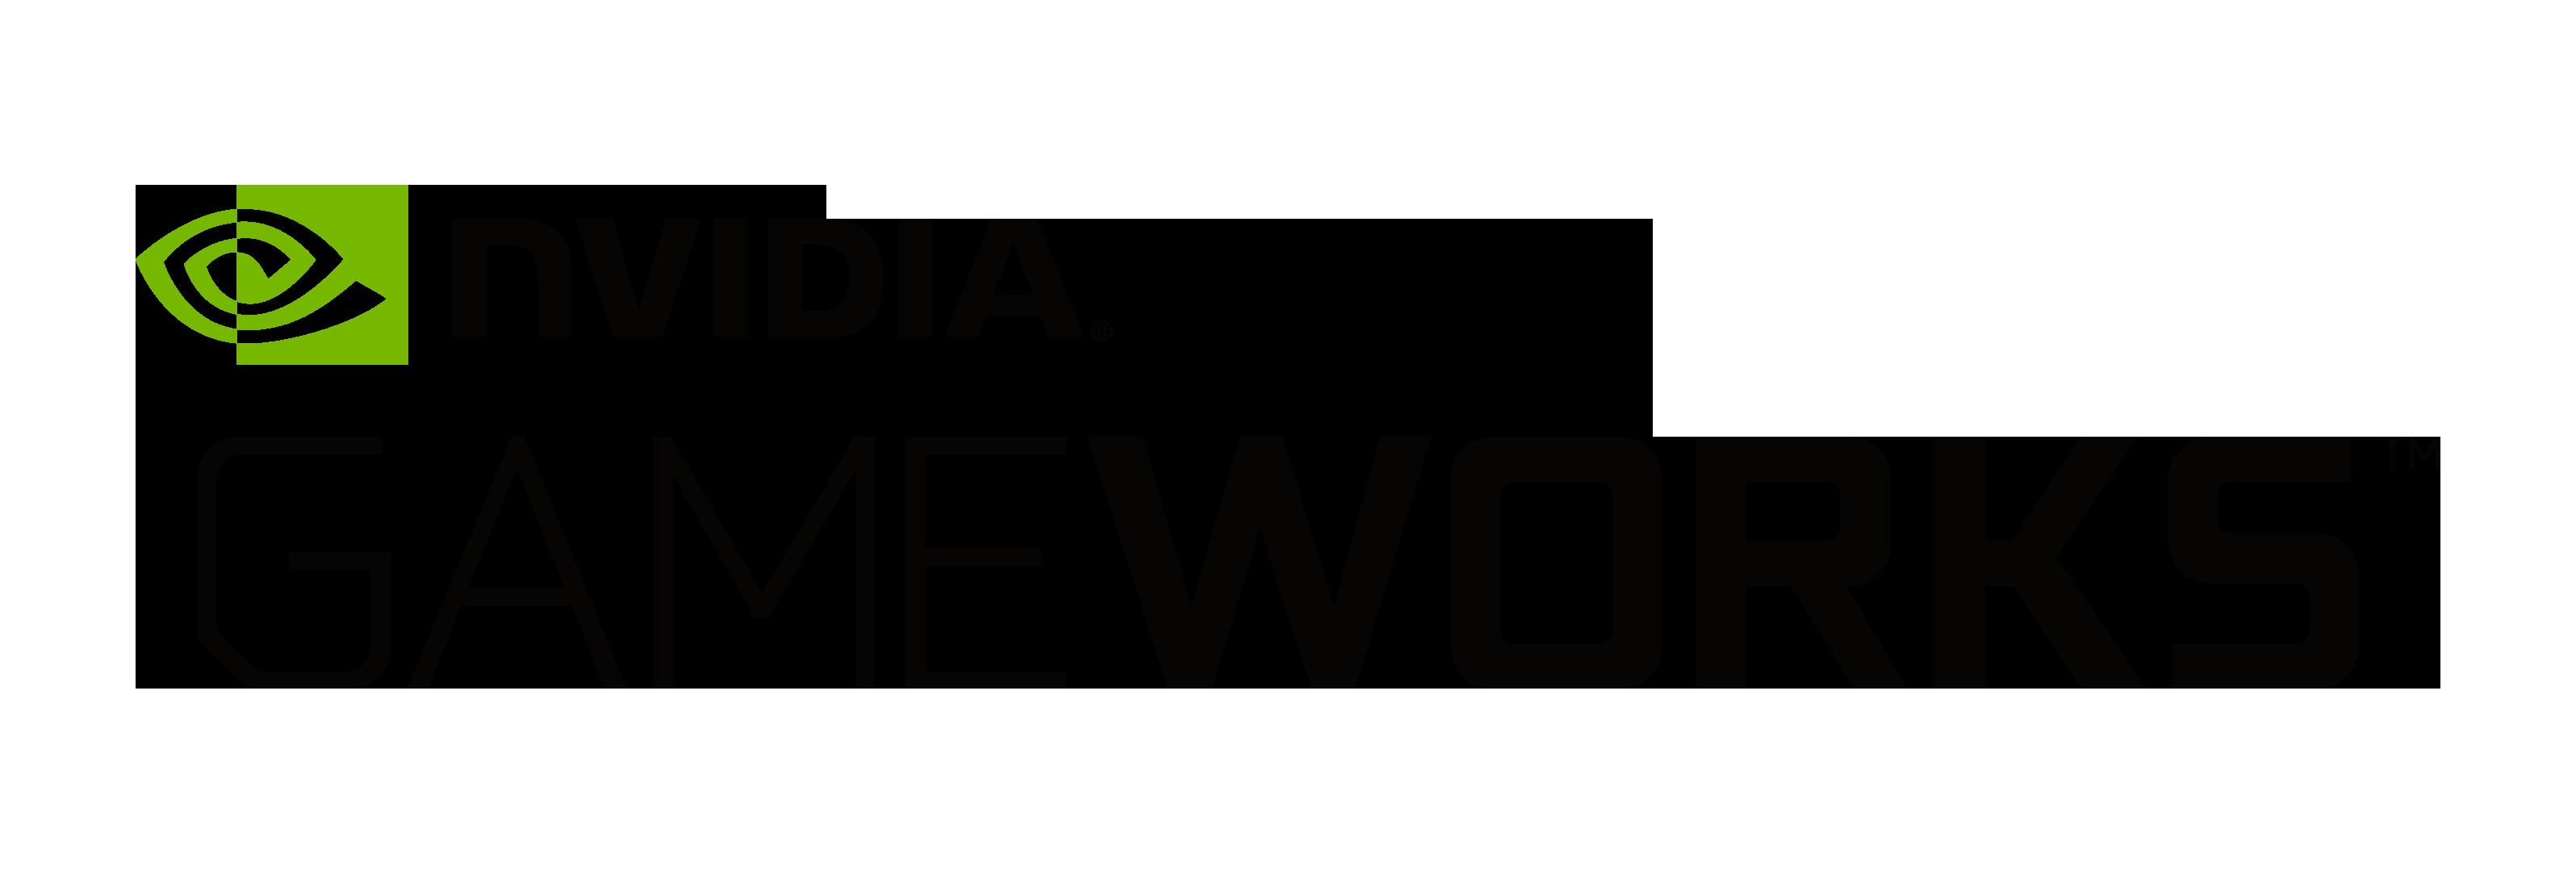 nv-gameworks-blk-v.png